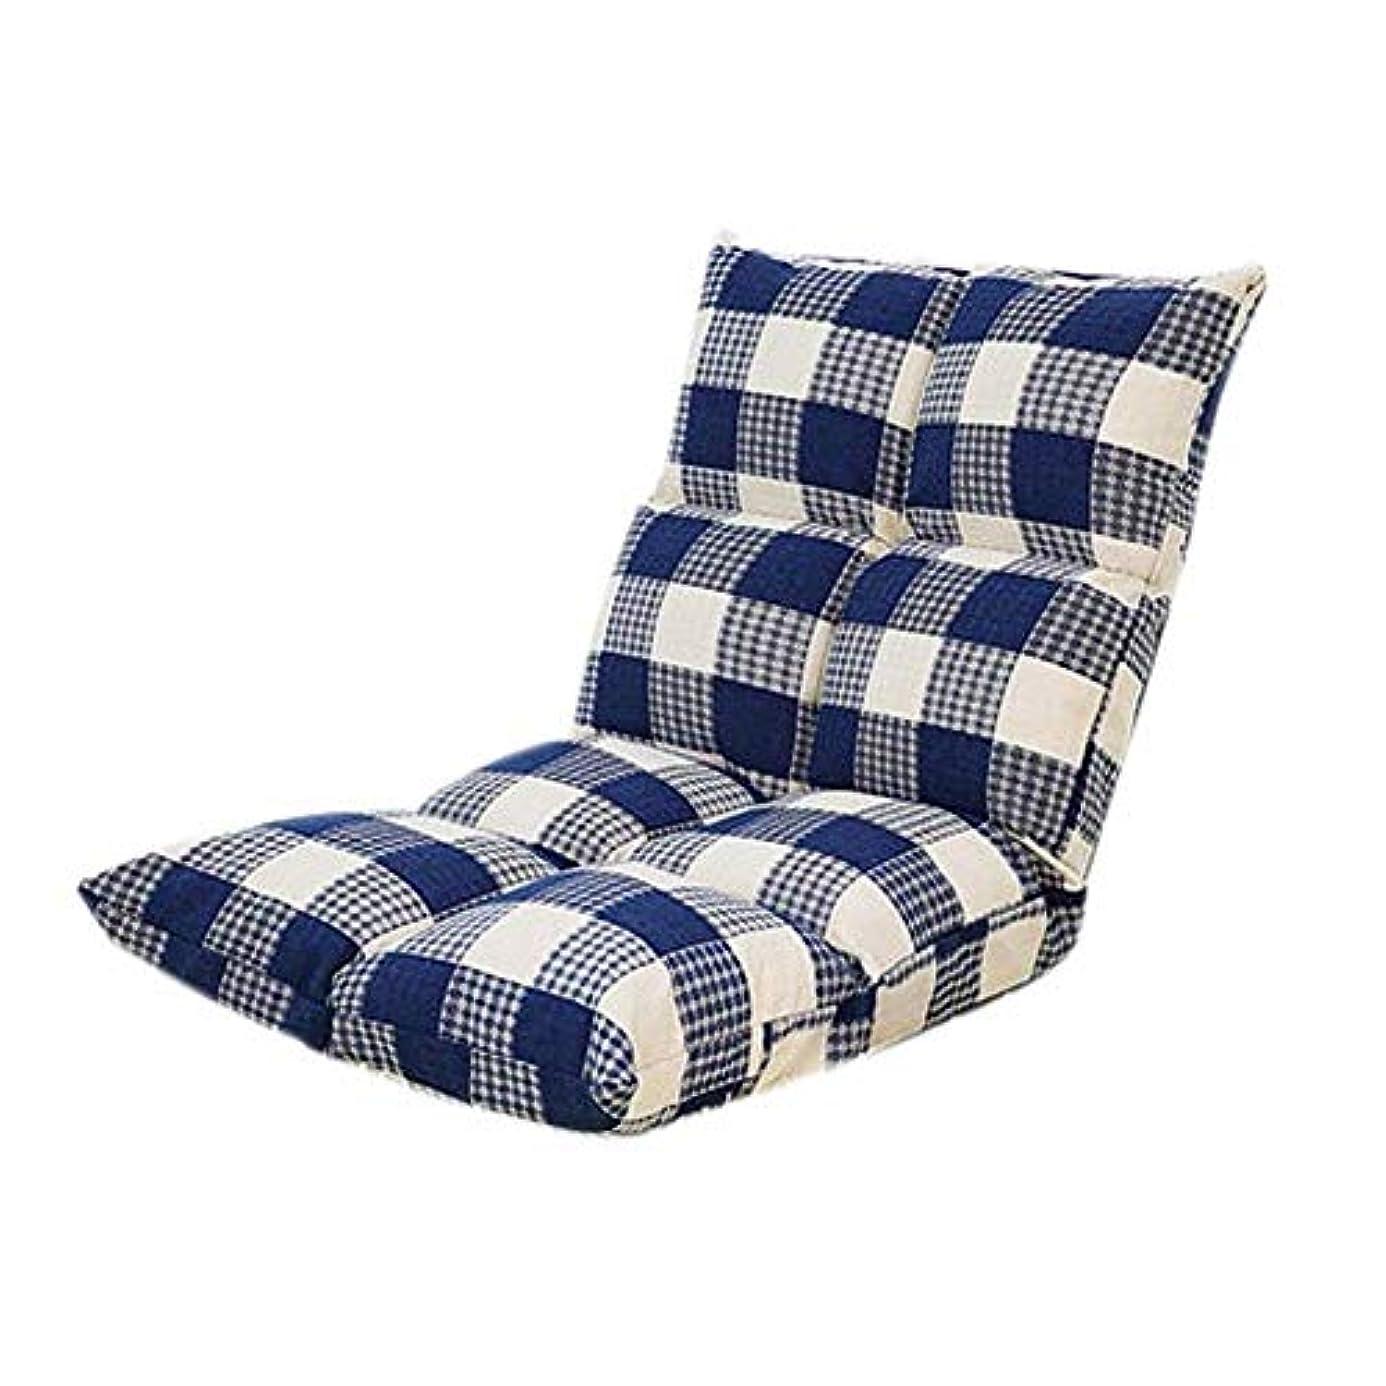 エキゾチックシェーバー提供された怠zyなフロアチェア、畳クッション、シングルメディテーションチェア、背もたれ一体型フロアクッション、折りたたみ式厚手バルコニー和風、調節可能な椅子怠Adjustなソファゲームチェア (Color : 青)